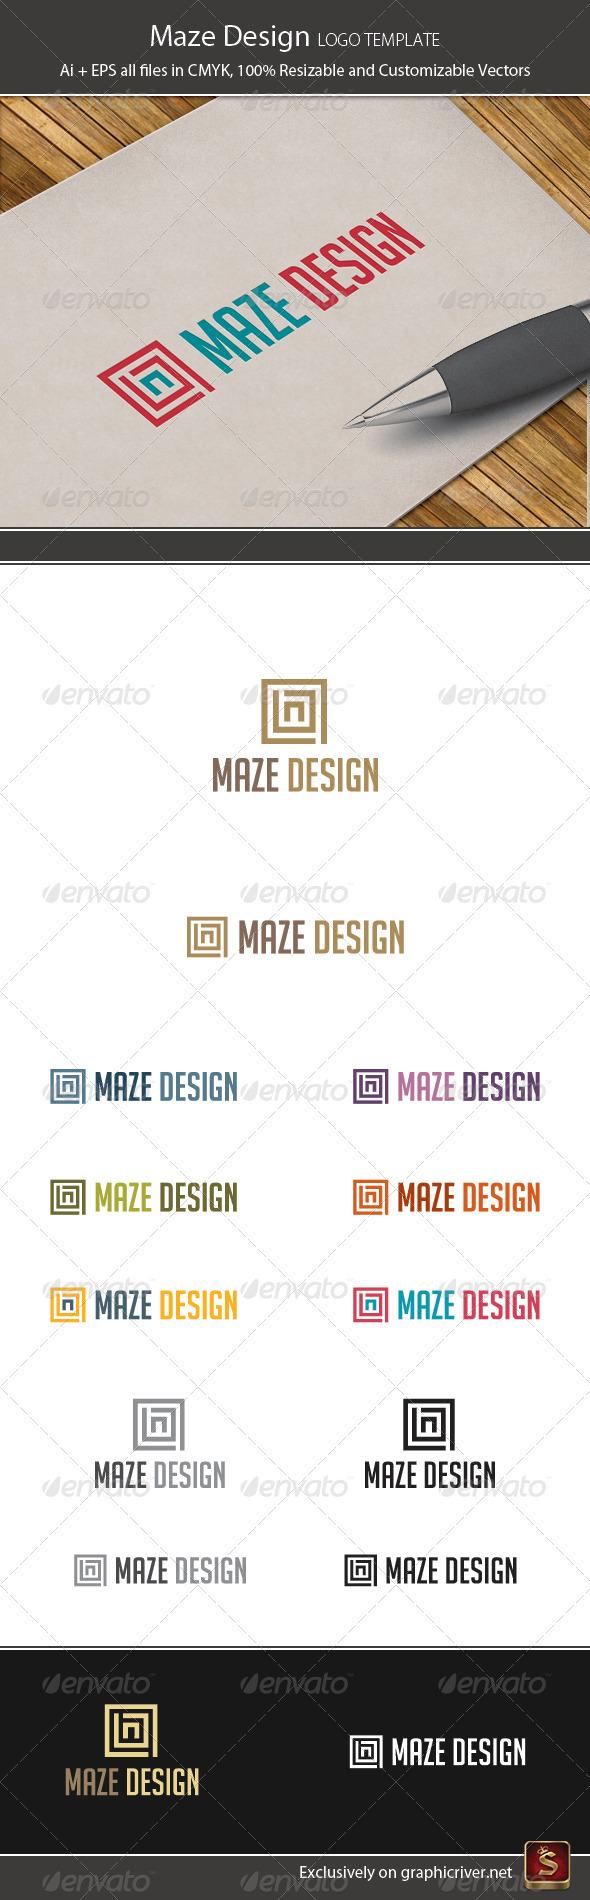 Maze Design Logo Template - Vector Abstract